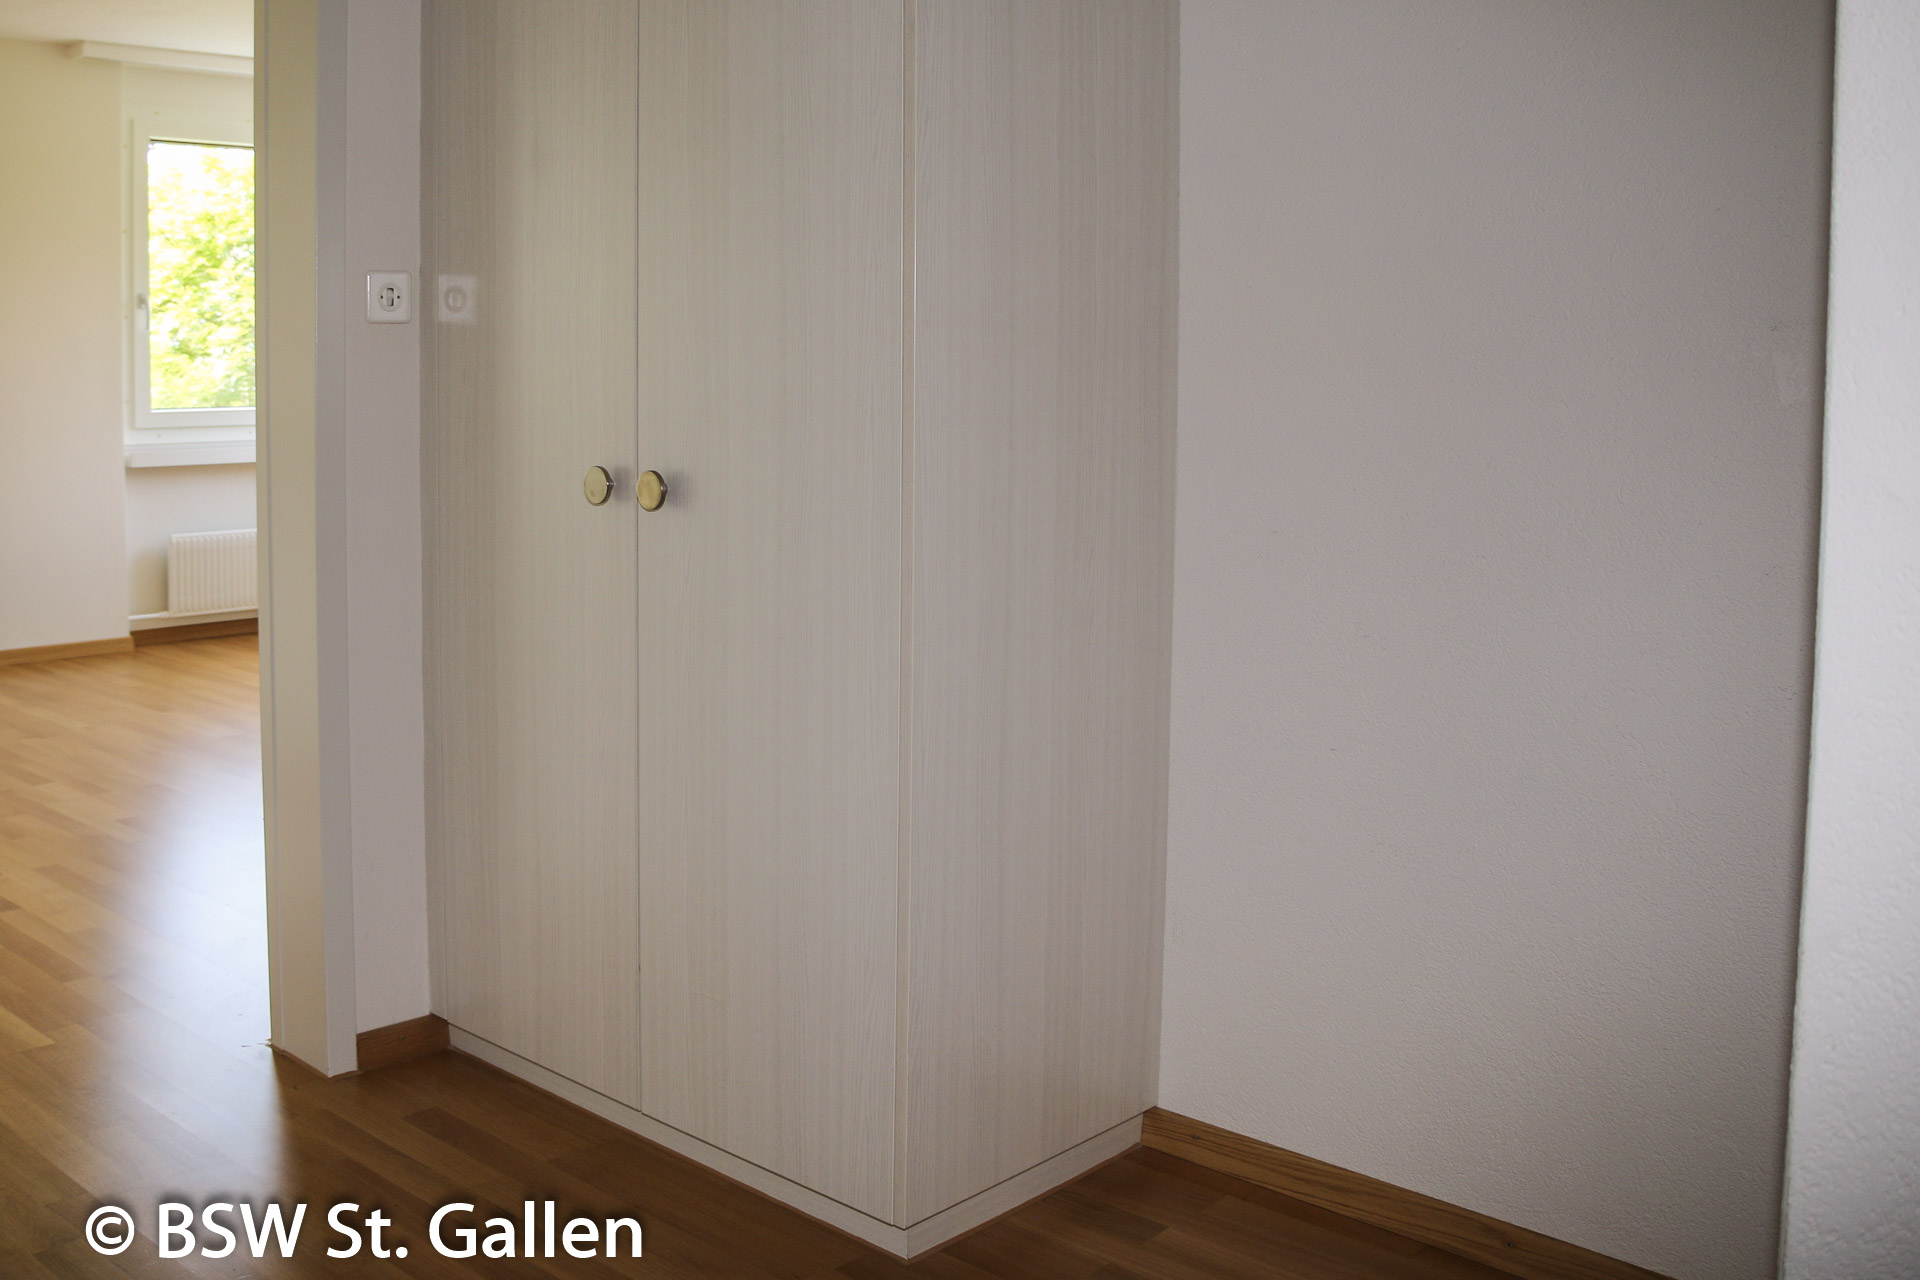 Wohnung mieten in St. Gallen - Wohnung - 1 Zimmer - 710